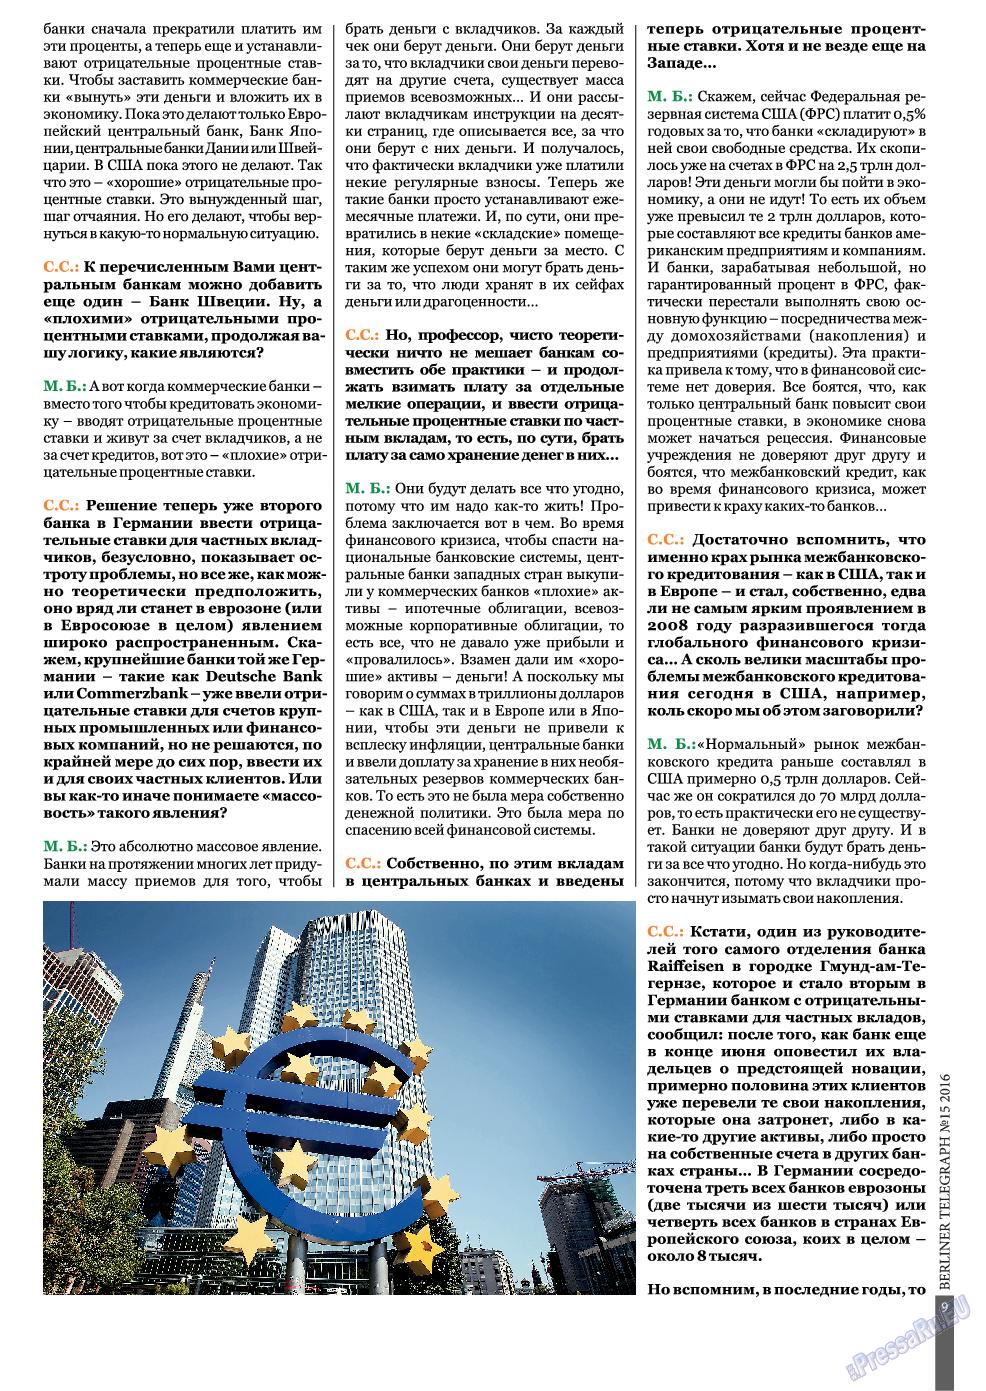 Берлинский телеграф (журнал). 2016 год, номер 15, стр. 9